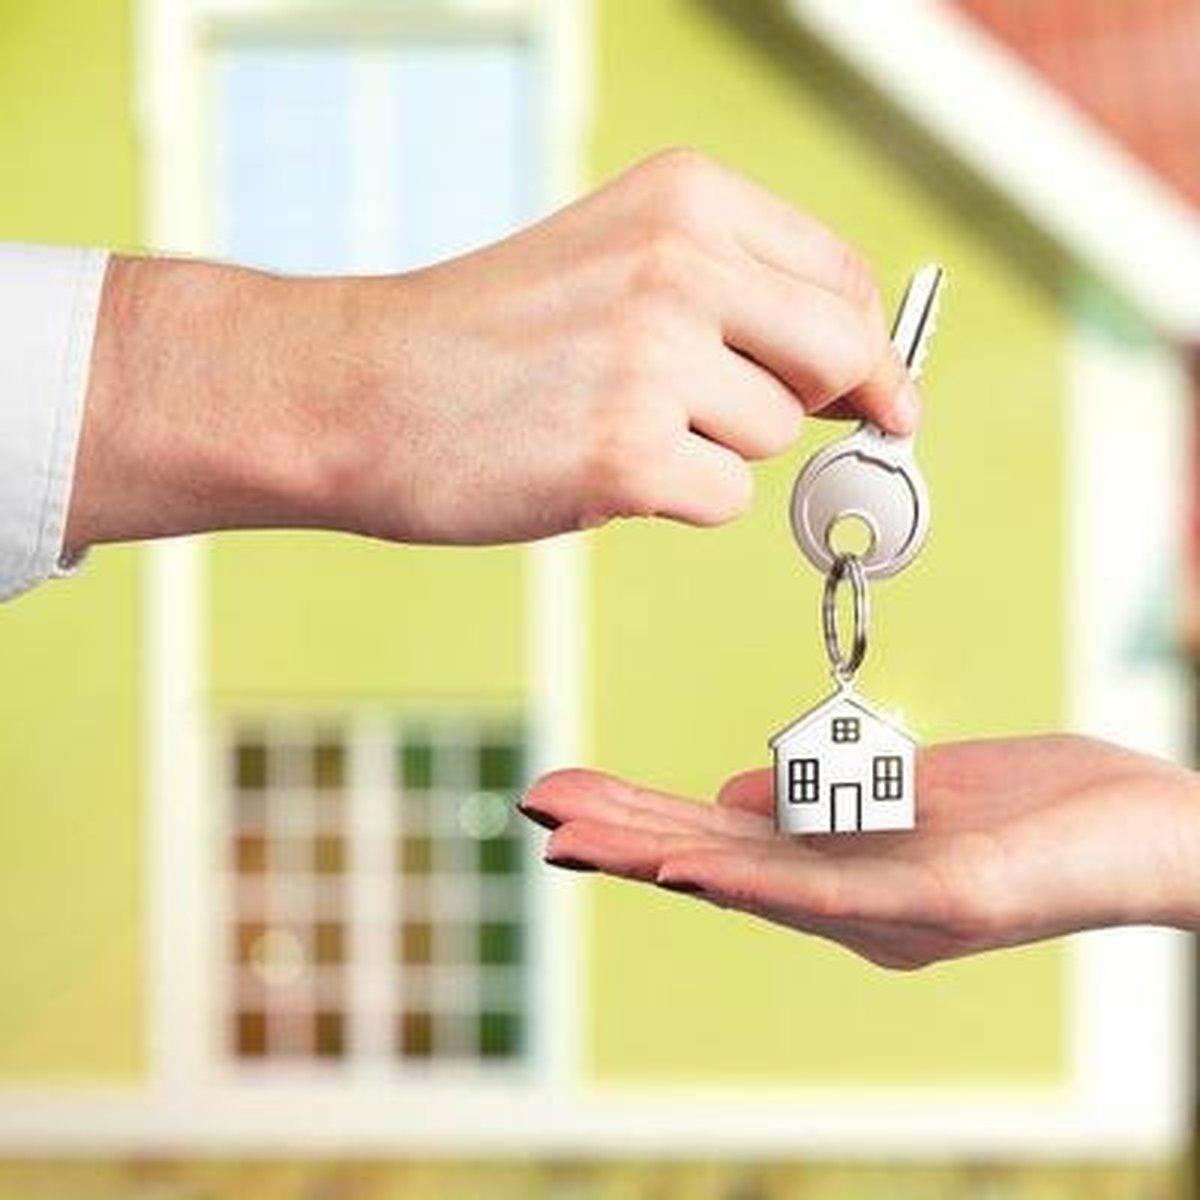 За съемное жилье в Харькове придется платить больше